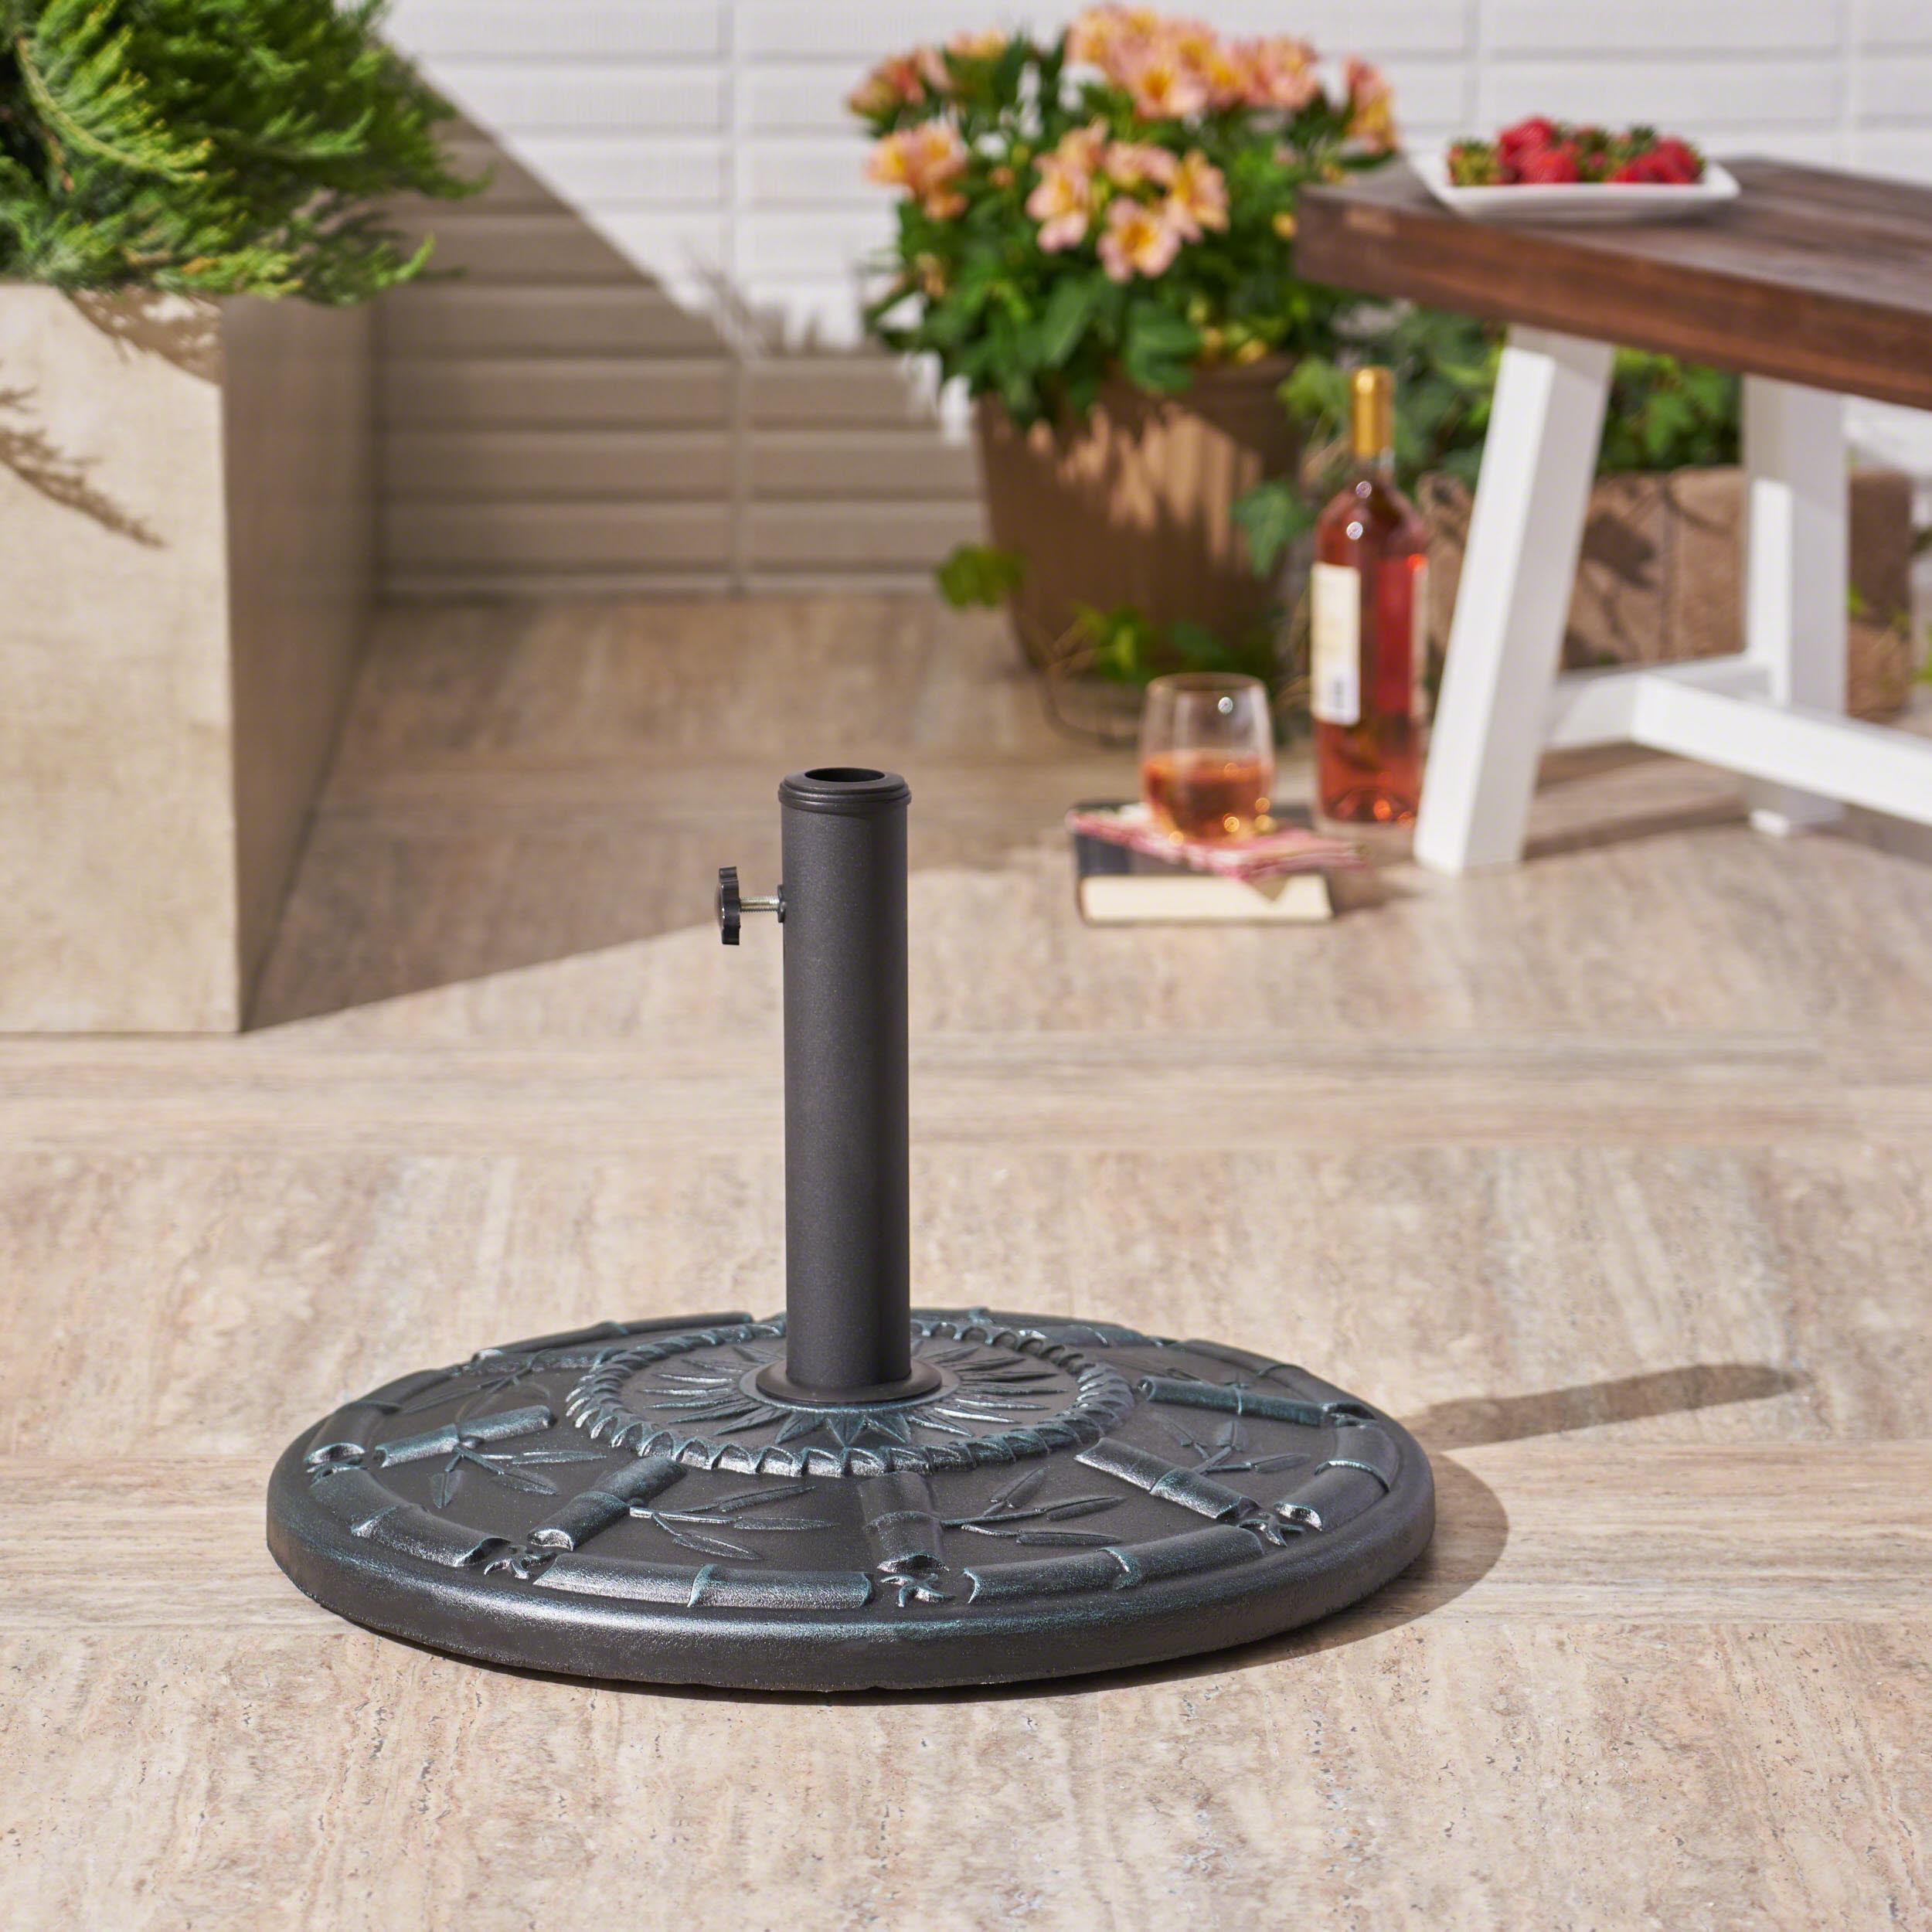 Archer Outdoor 60 lb. Concrete Circular Umbrella Base, Weathered Bronze